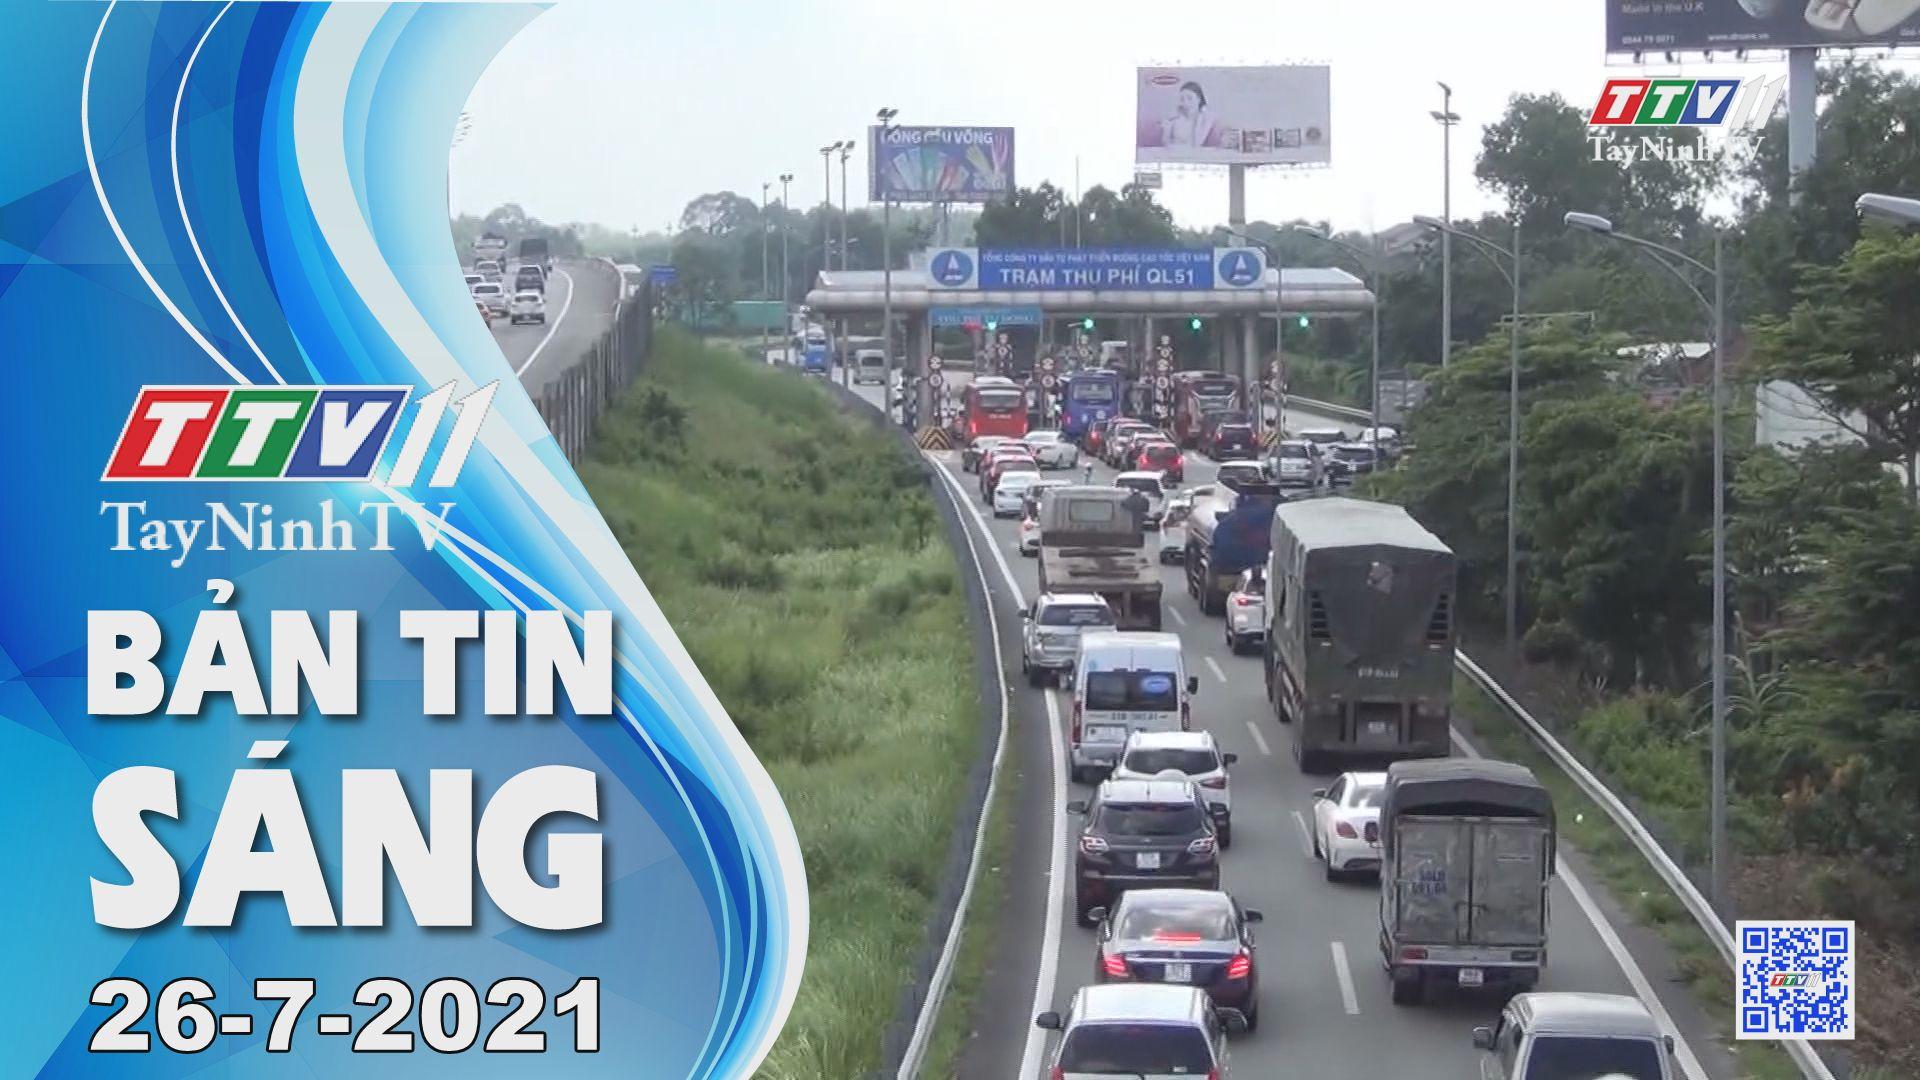 Bản tin sáng 26-7-2021 | Tin tức hôm nay | TayNinhTV